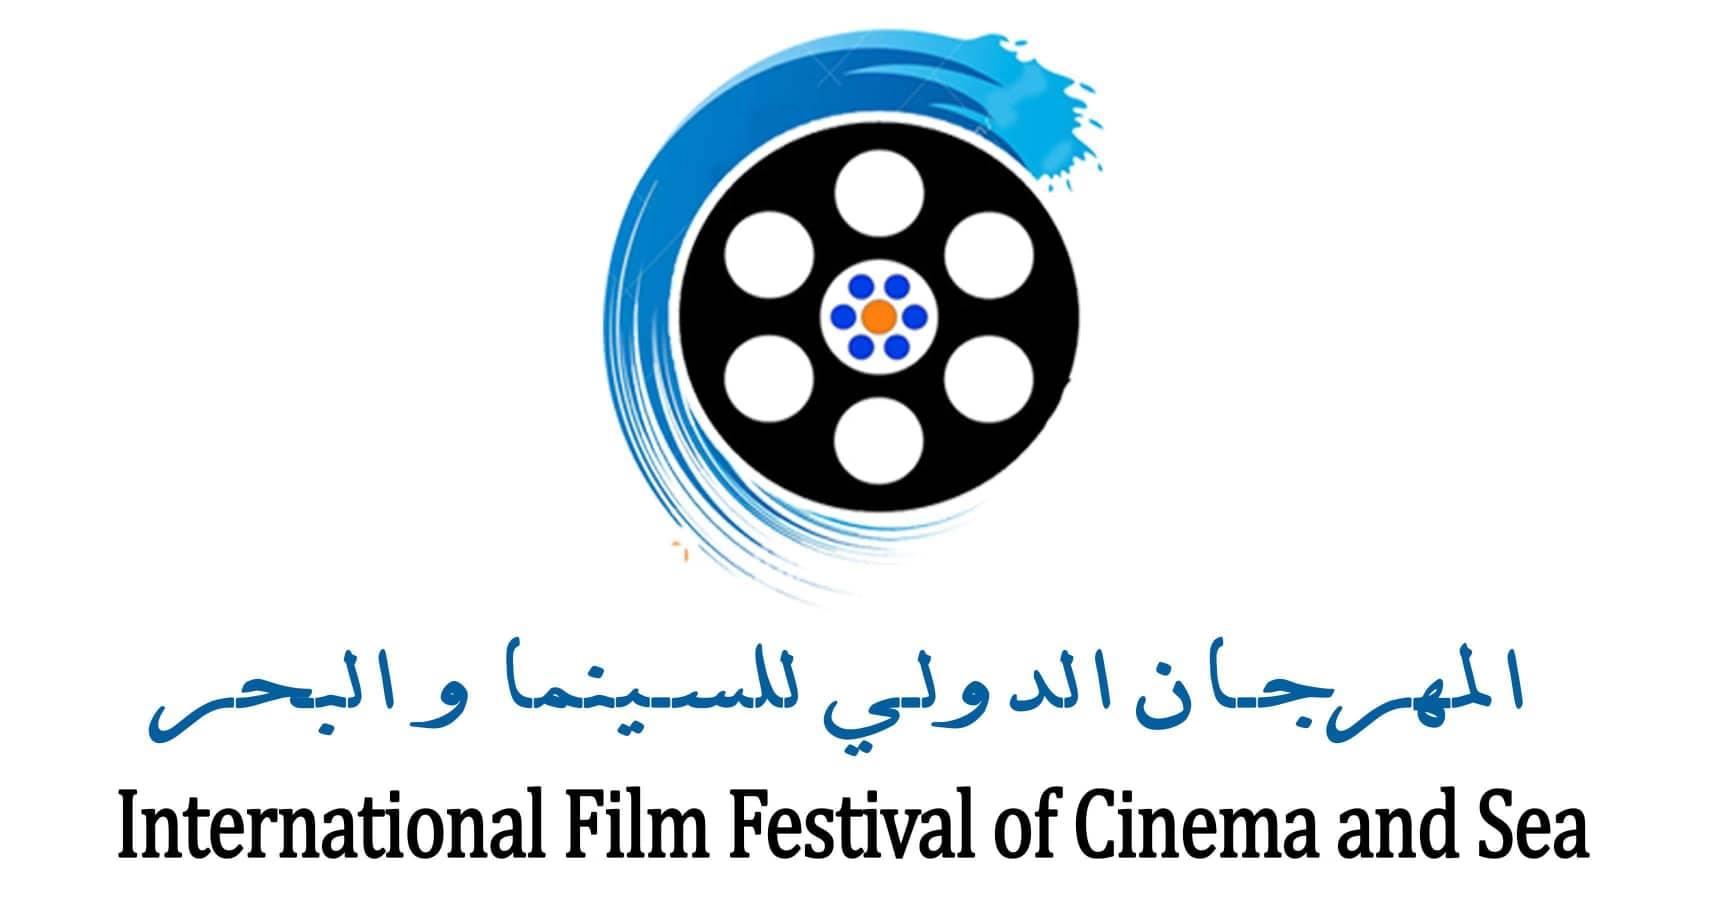 المهرجان الدولي للسينما و البحر بسيدي افني اكتوبر القادم